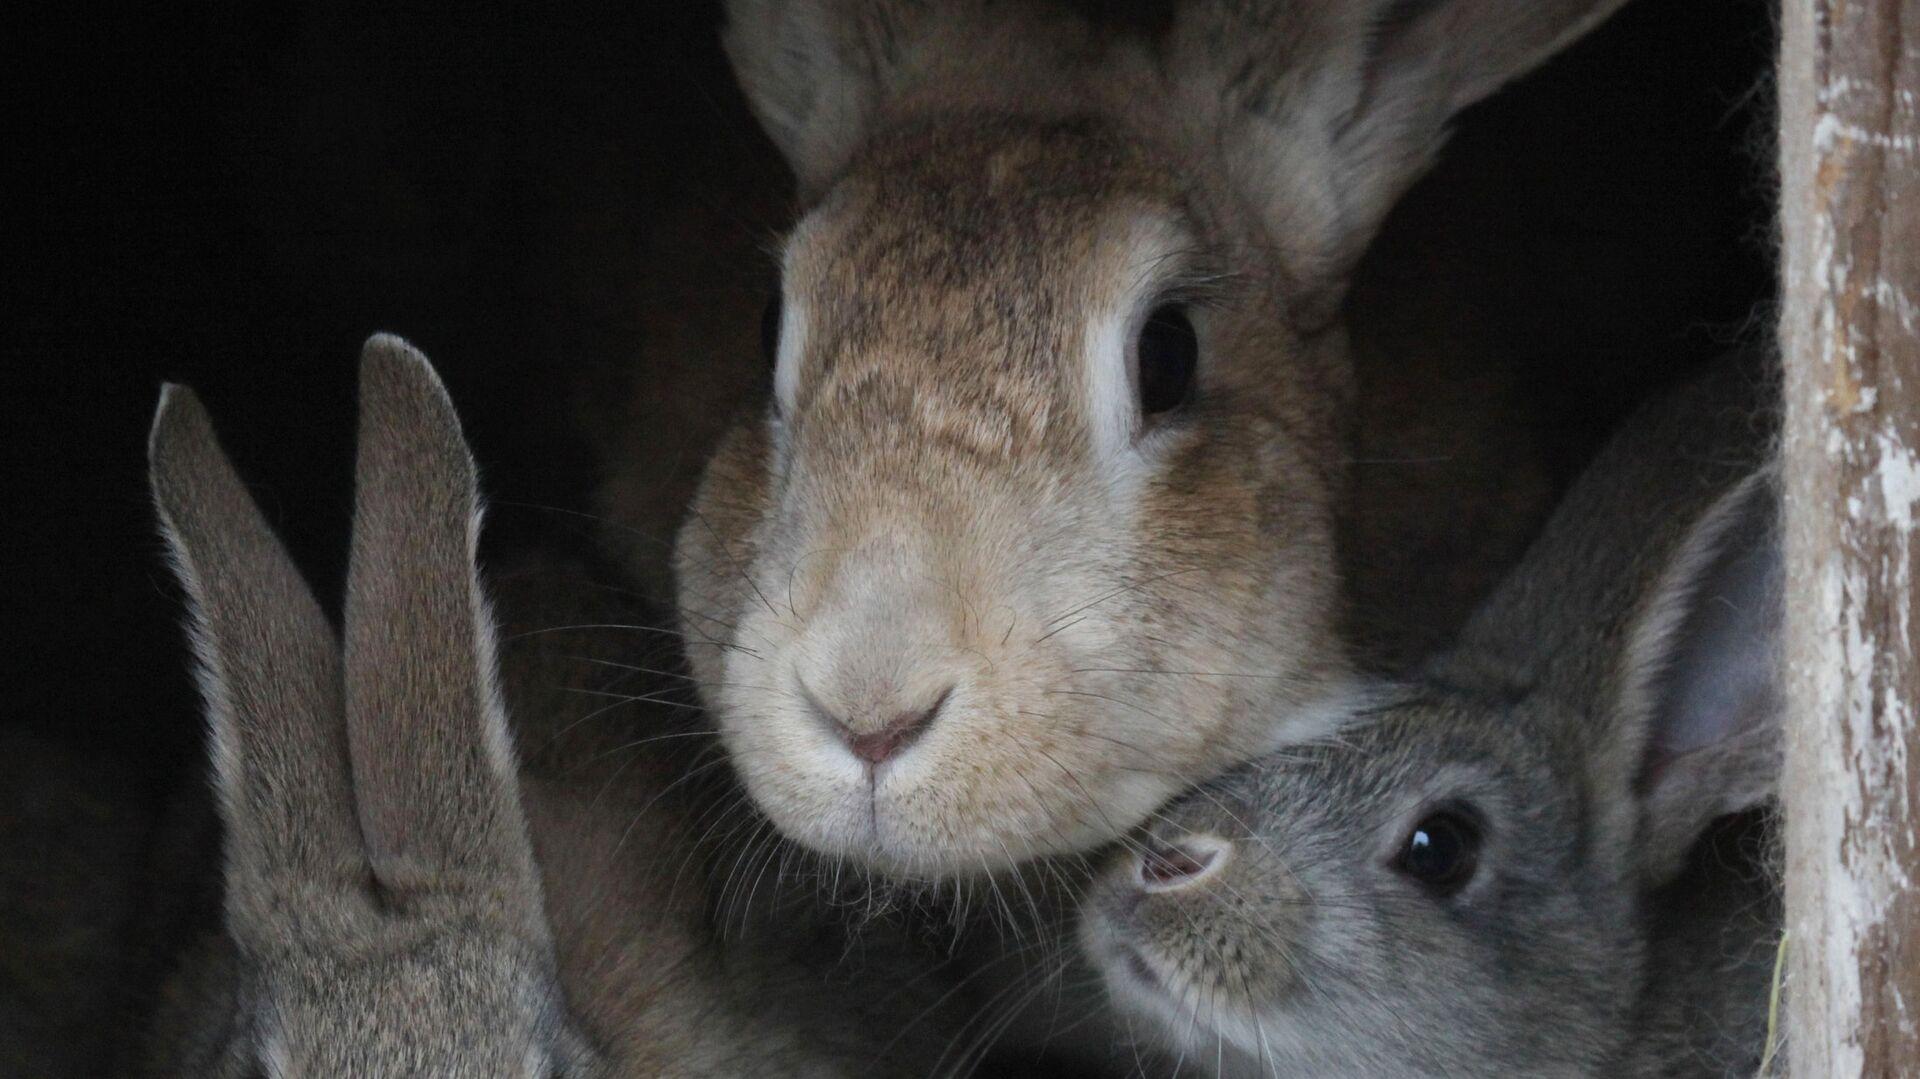 383251687 0:188:2194:1422 1920x0 80 0 0 ee8bb0349bde1997ba03f8723cfb90c0 - В Подмосковье откроют крупное предприятие по выведению кроликов